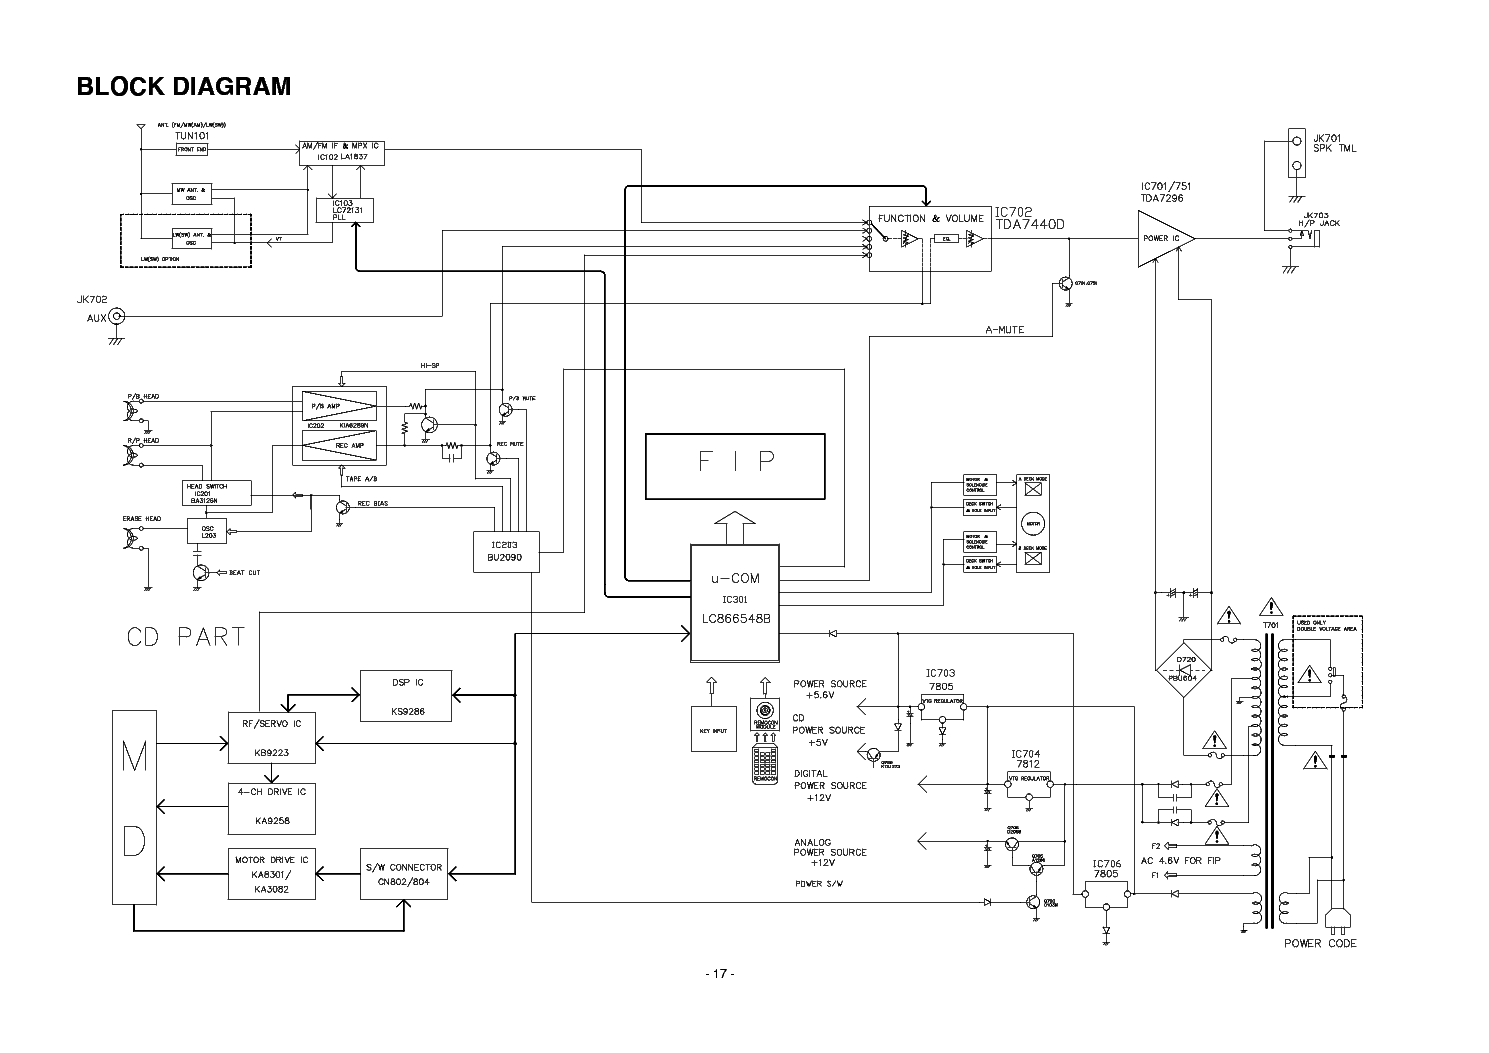 Музыкальный центр ffh 217 схема